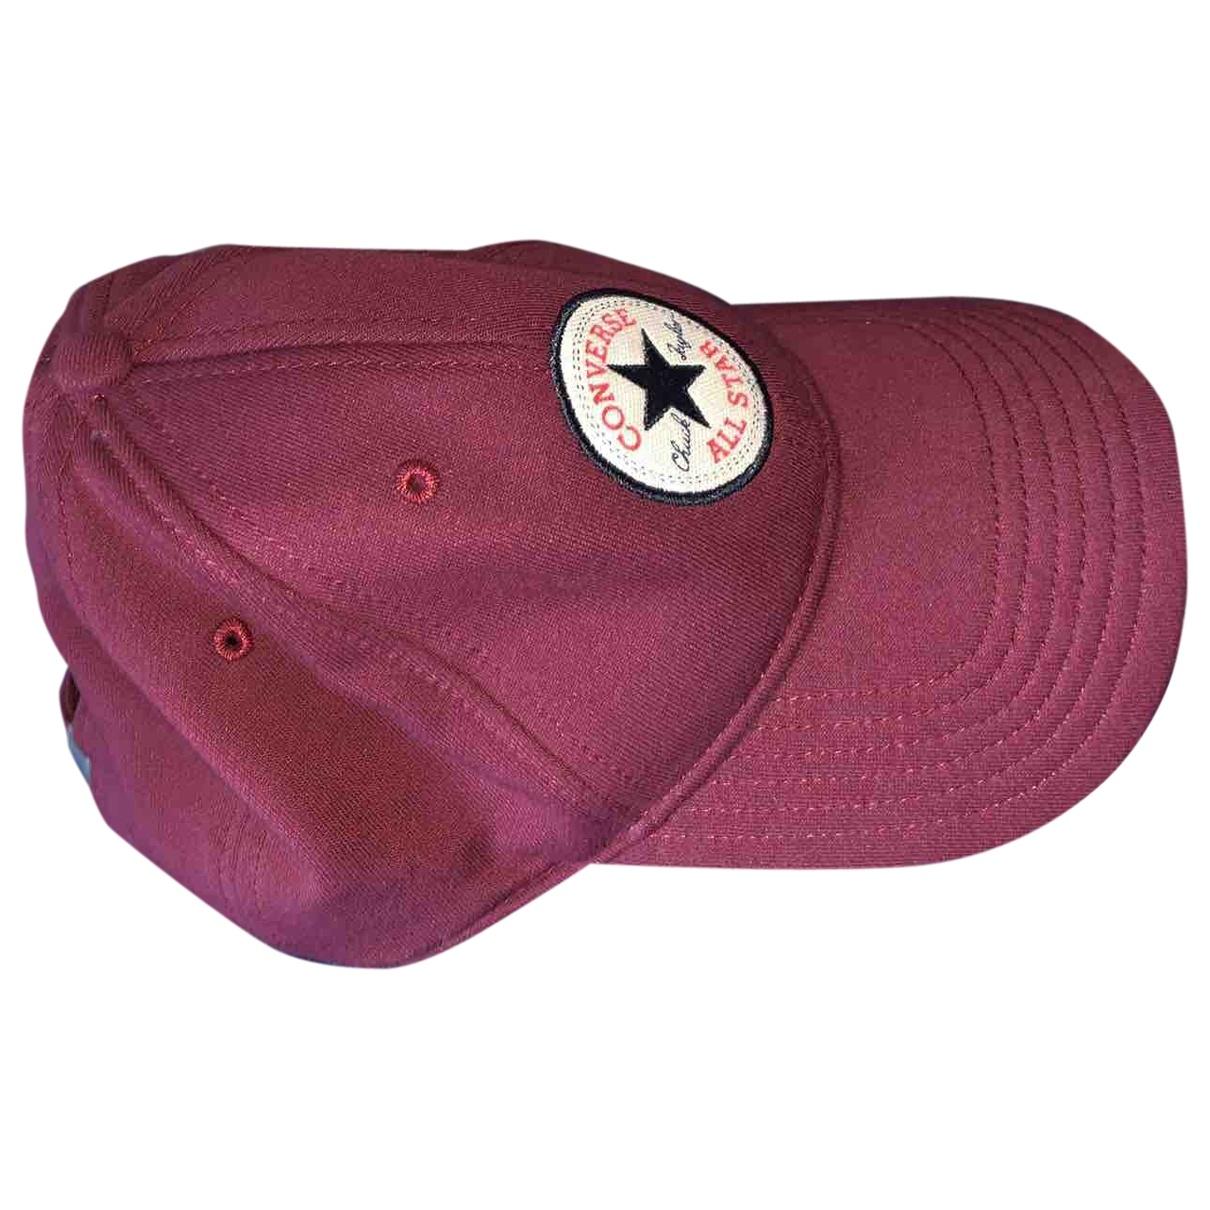 Converse - Chapeau & Bonnets   pour homme en toile - bordeaux